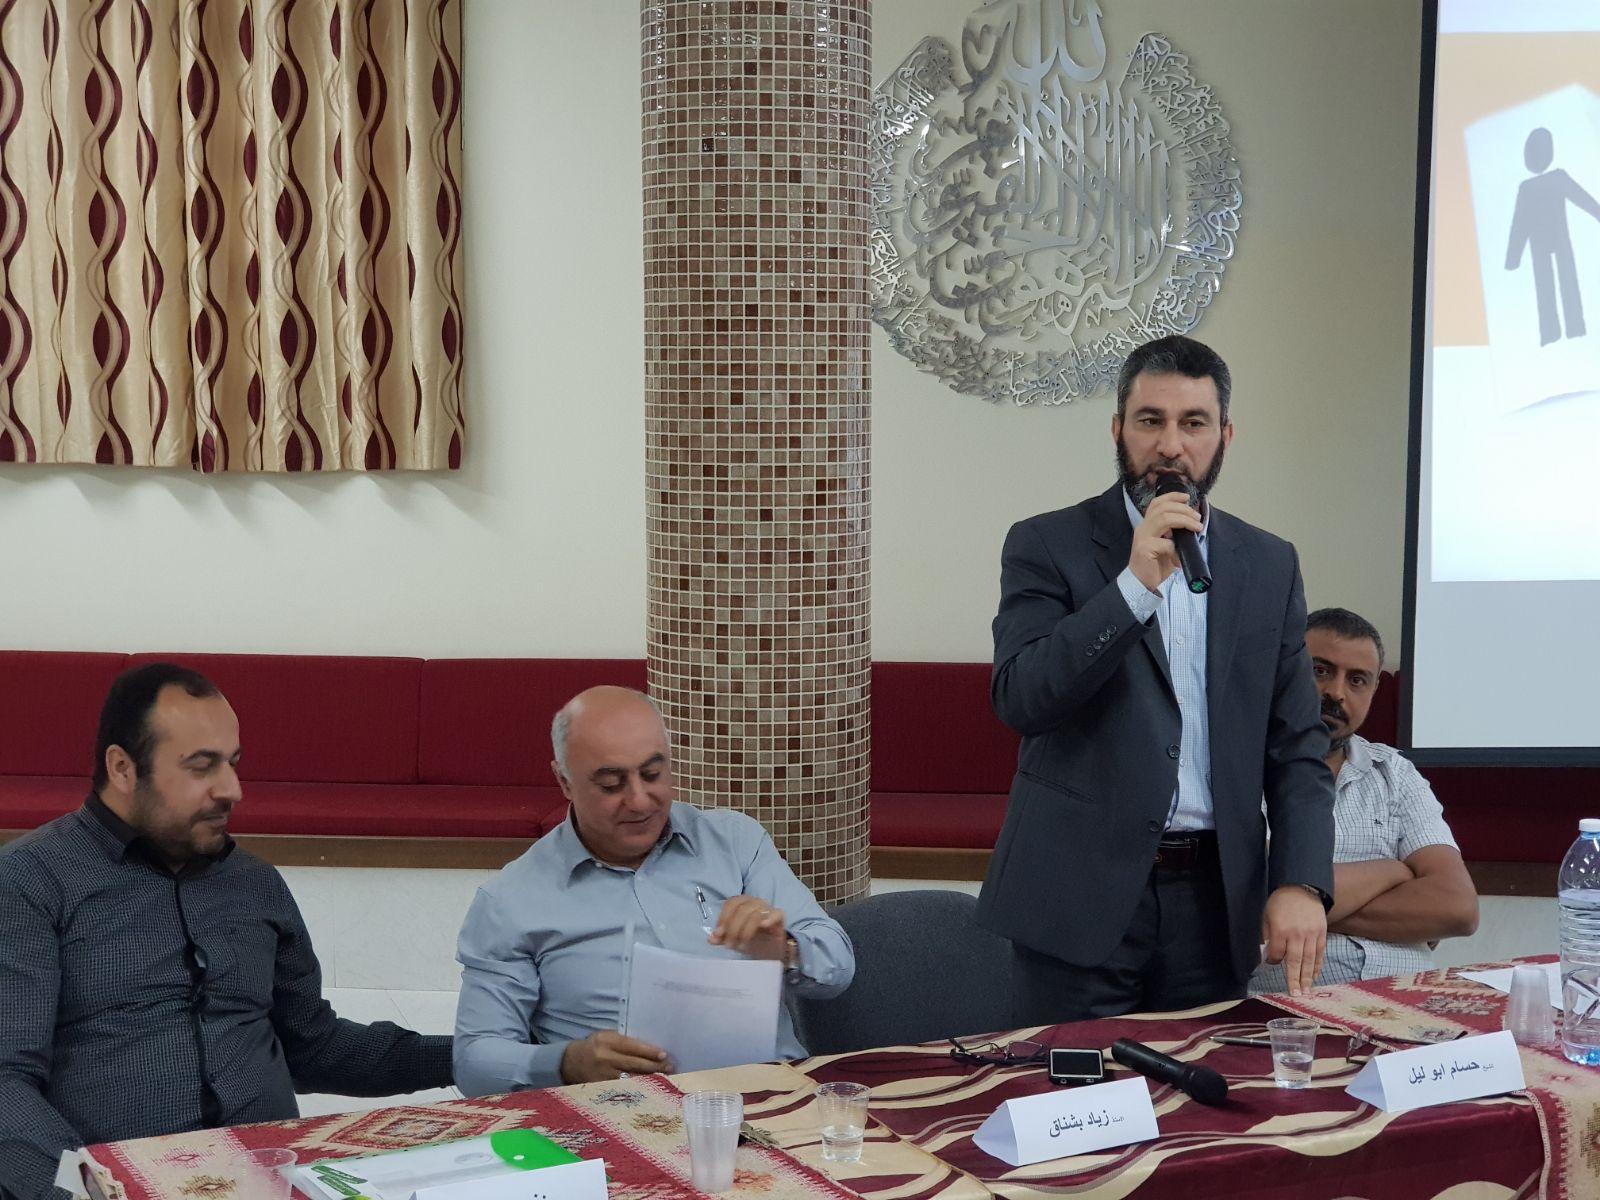 ندوة حول ارتفاع حالات الطلاق في الداخل الفلسطيني ووصولها إلى نسبة 33%